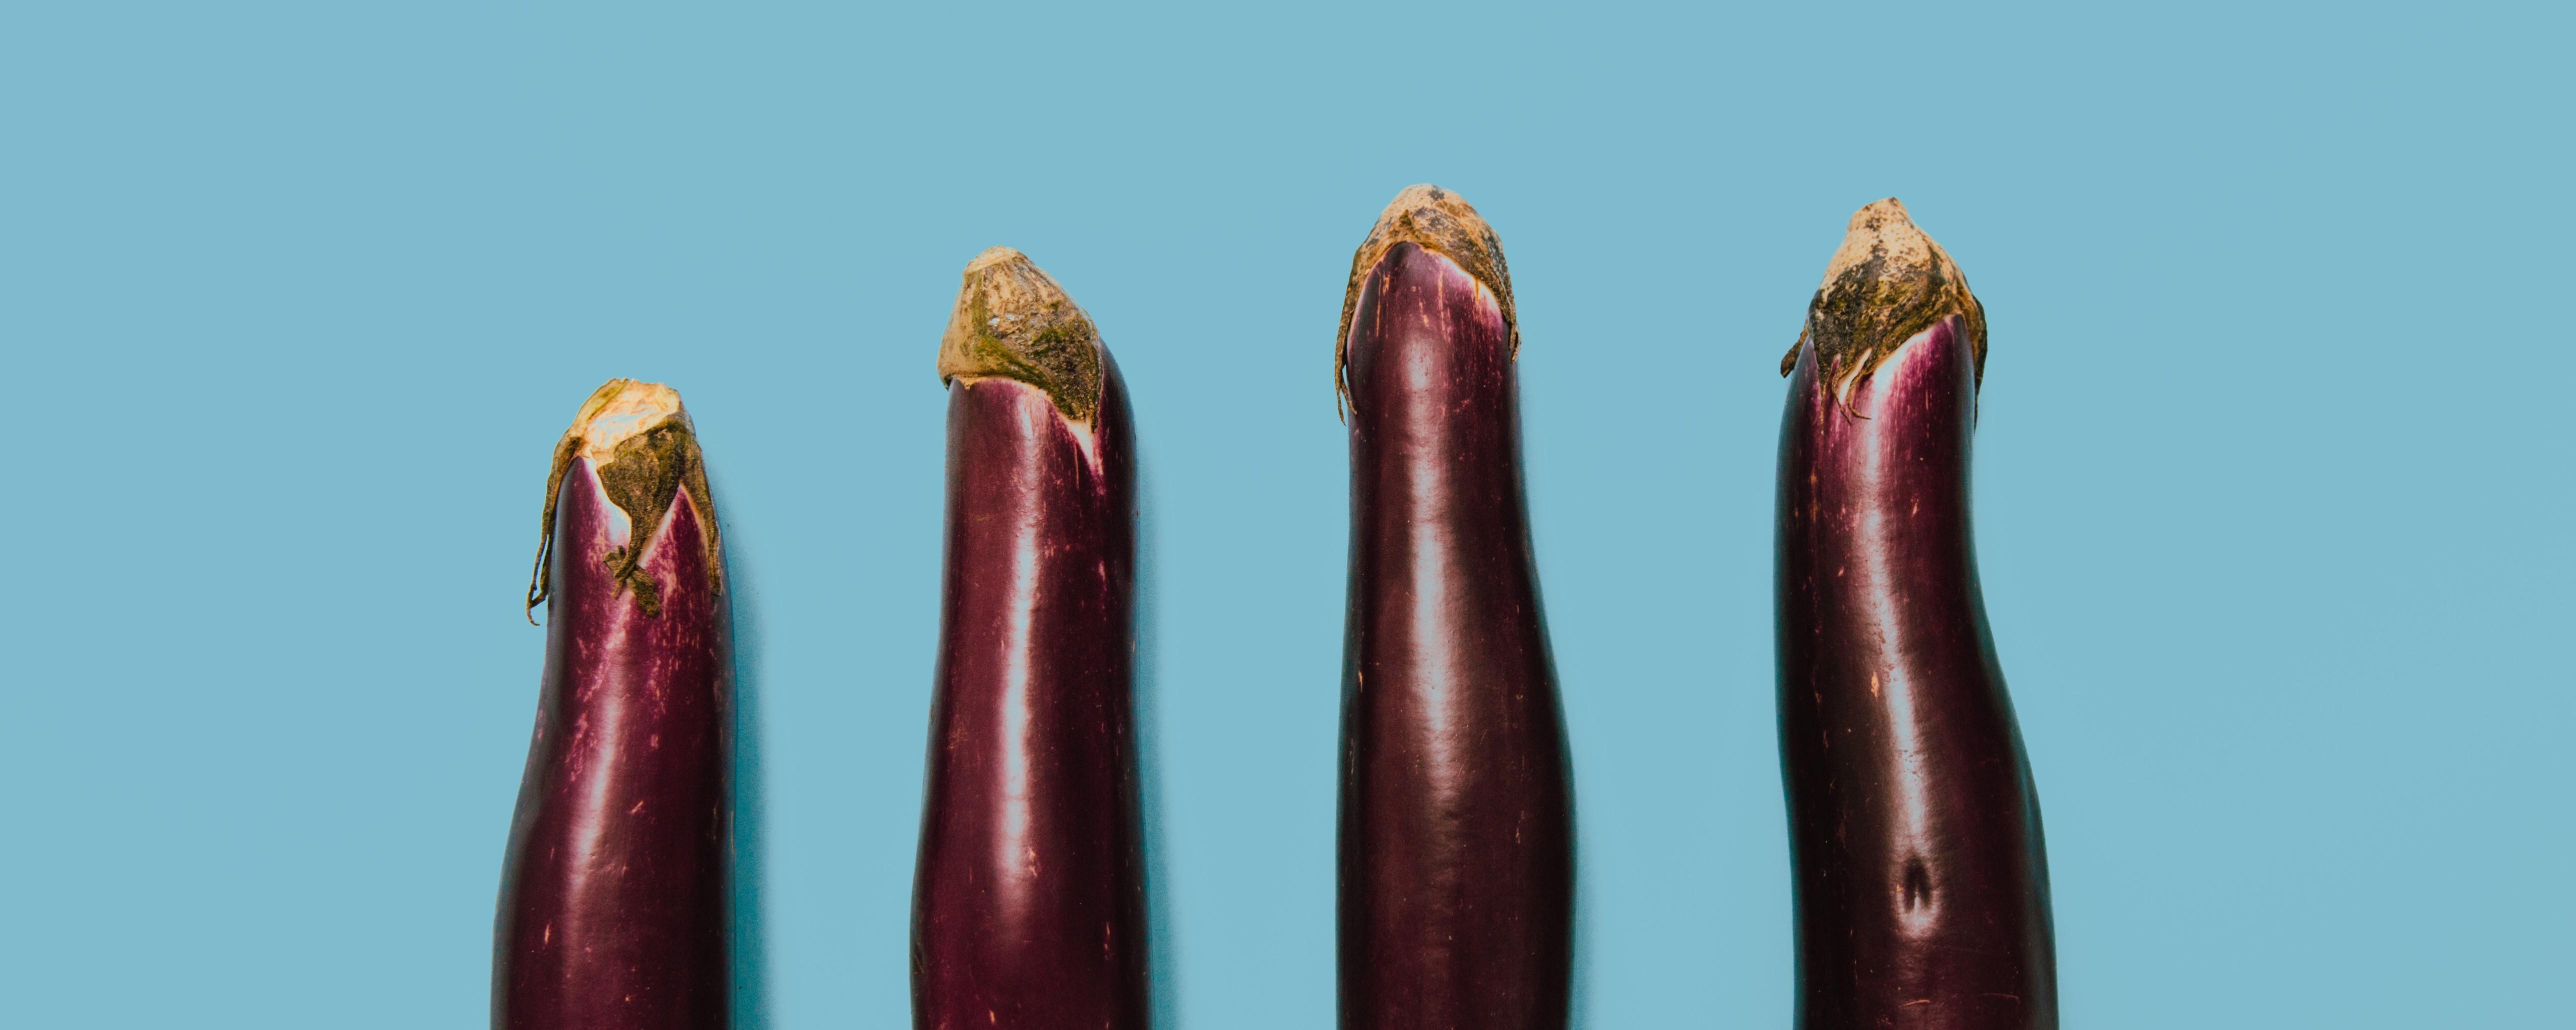 cel mai mic penis câți cm cumpărați penis artificial